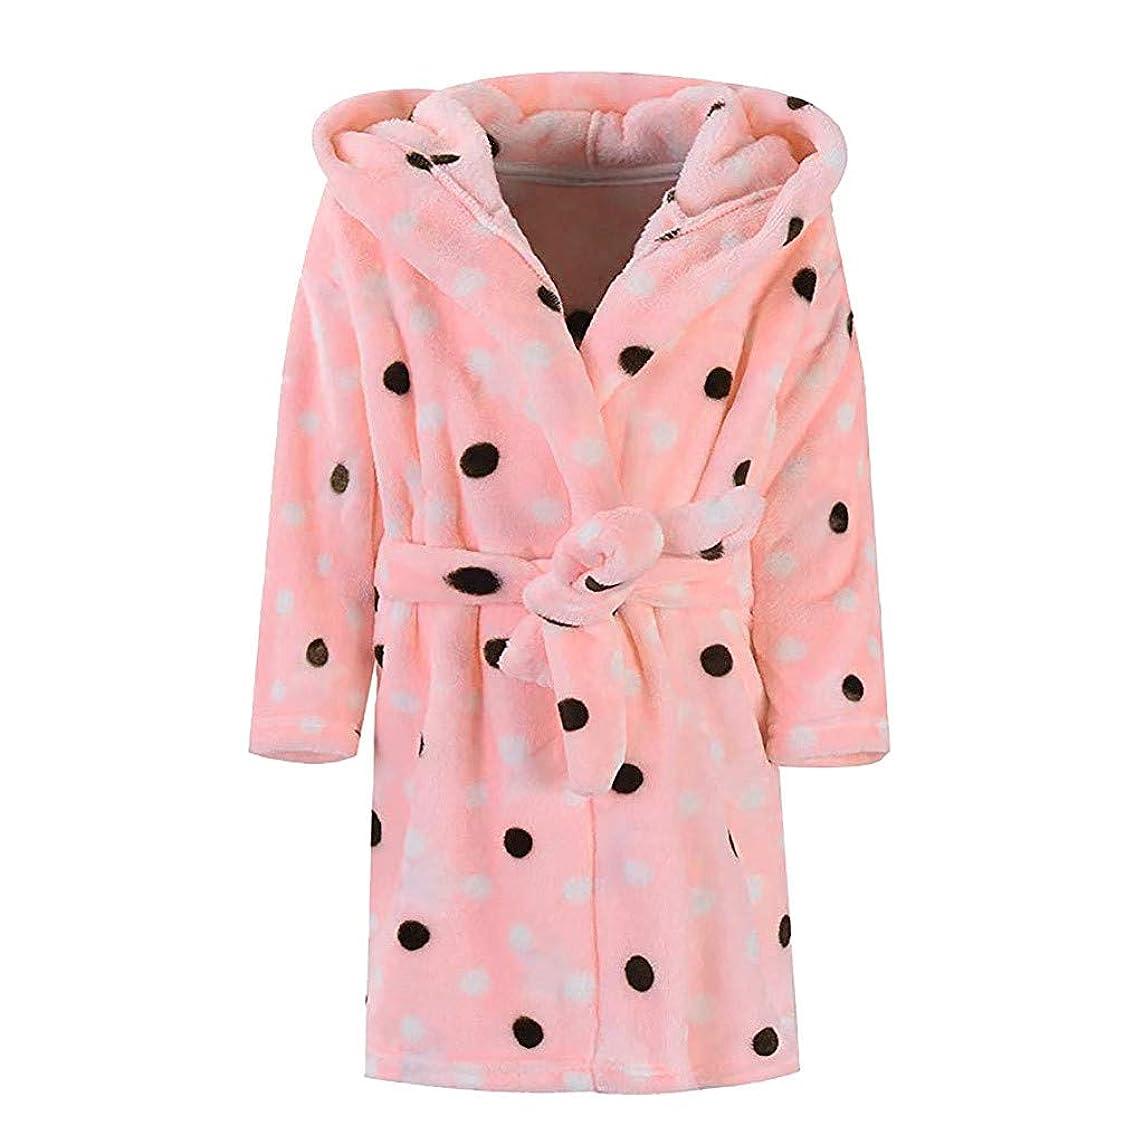 SUJING Unisex Children's Baby Print Flannel Bathrobes Hoodie Towel Pajamas Night Gown